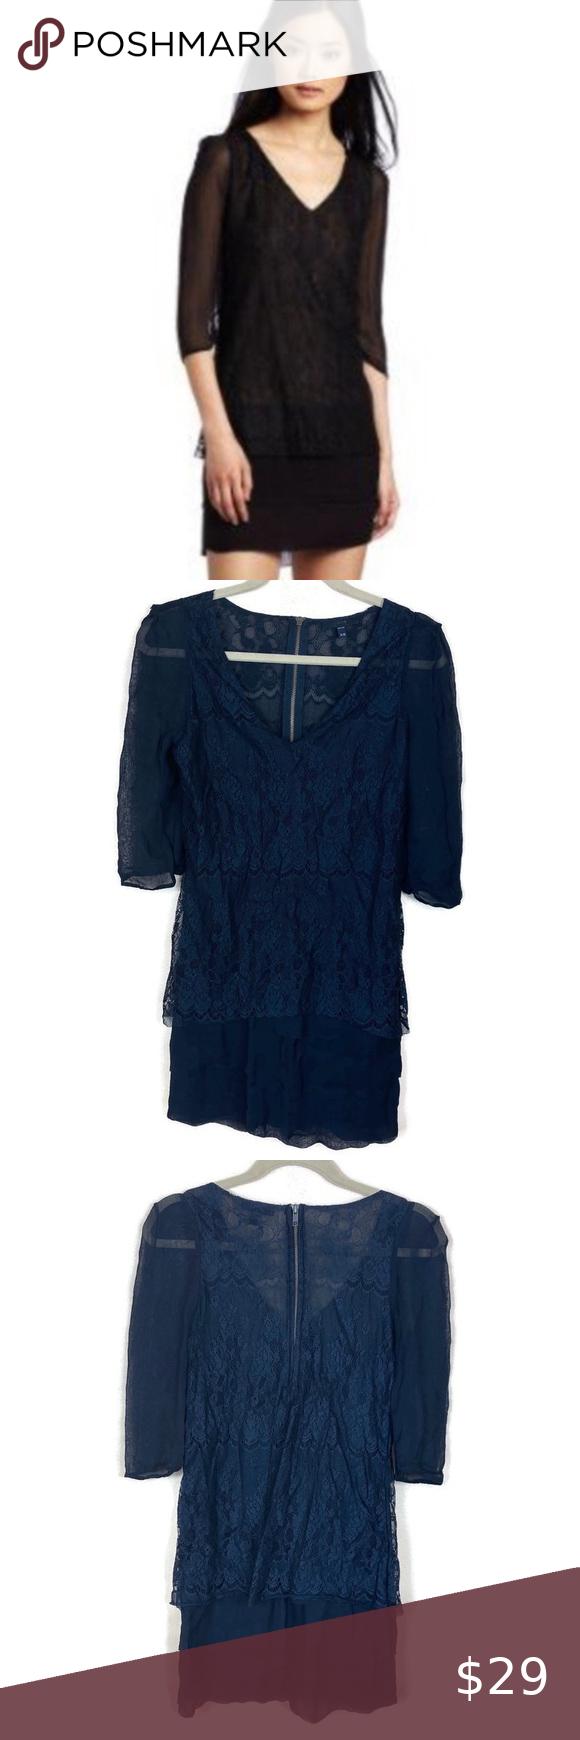 Joe S Jeans Dress Black Lace Sheer Minidress Jeans Dress Lace Dress Black Black Dress [ 1740 x 580 Pixel ]